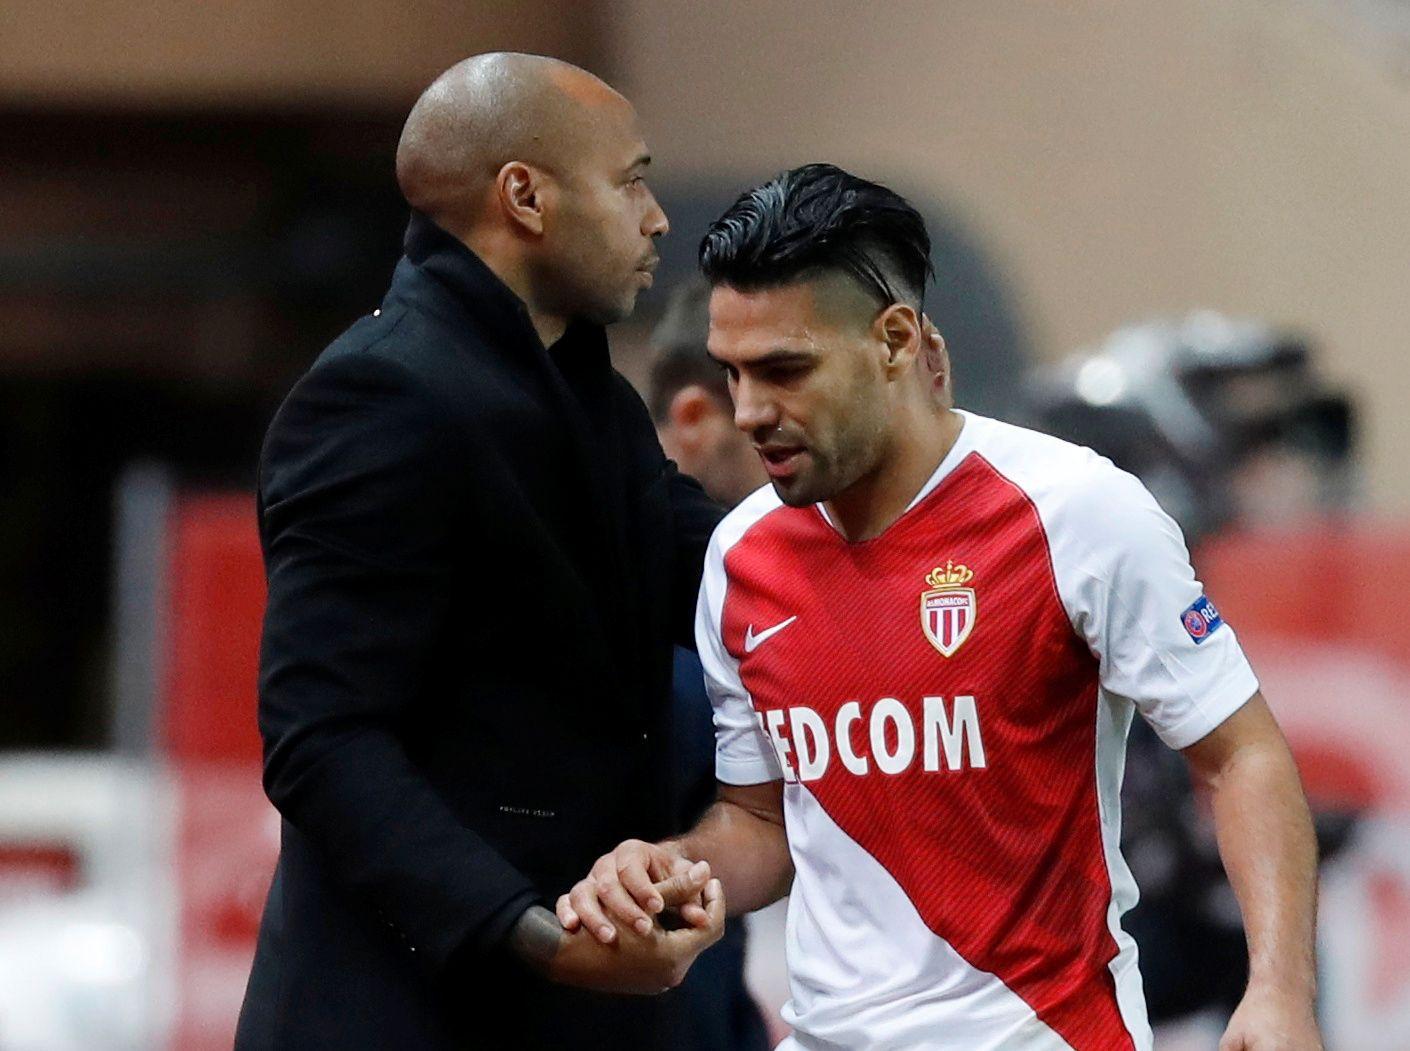 Henry sammen med en av klubbens største stjerner, den colombianske spissen Radamel Falcao.